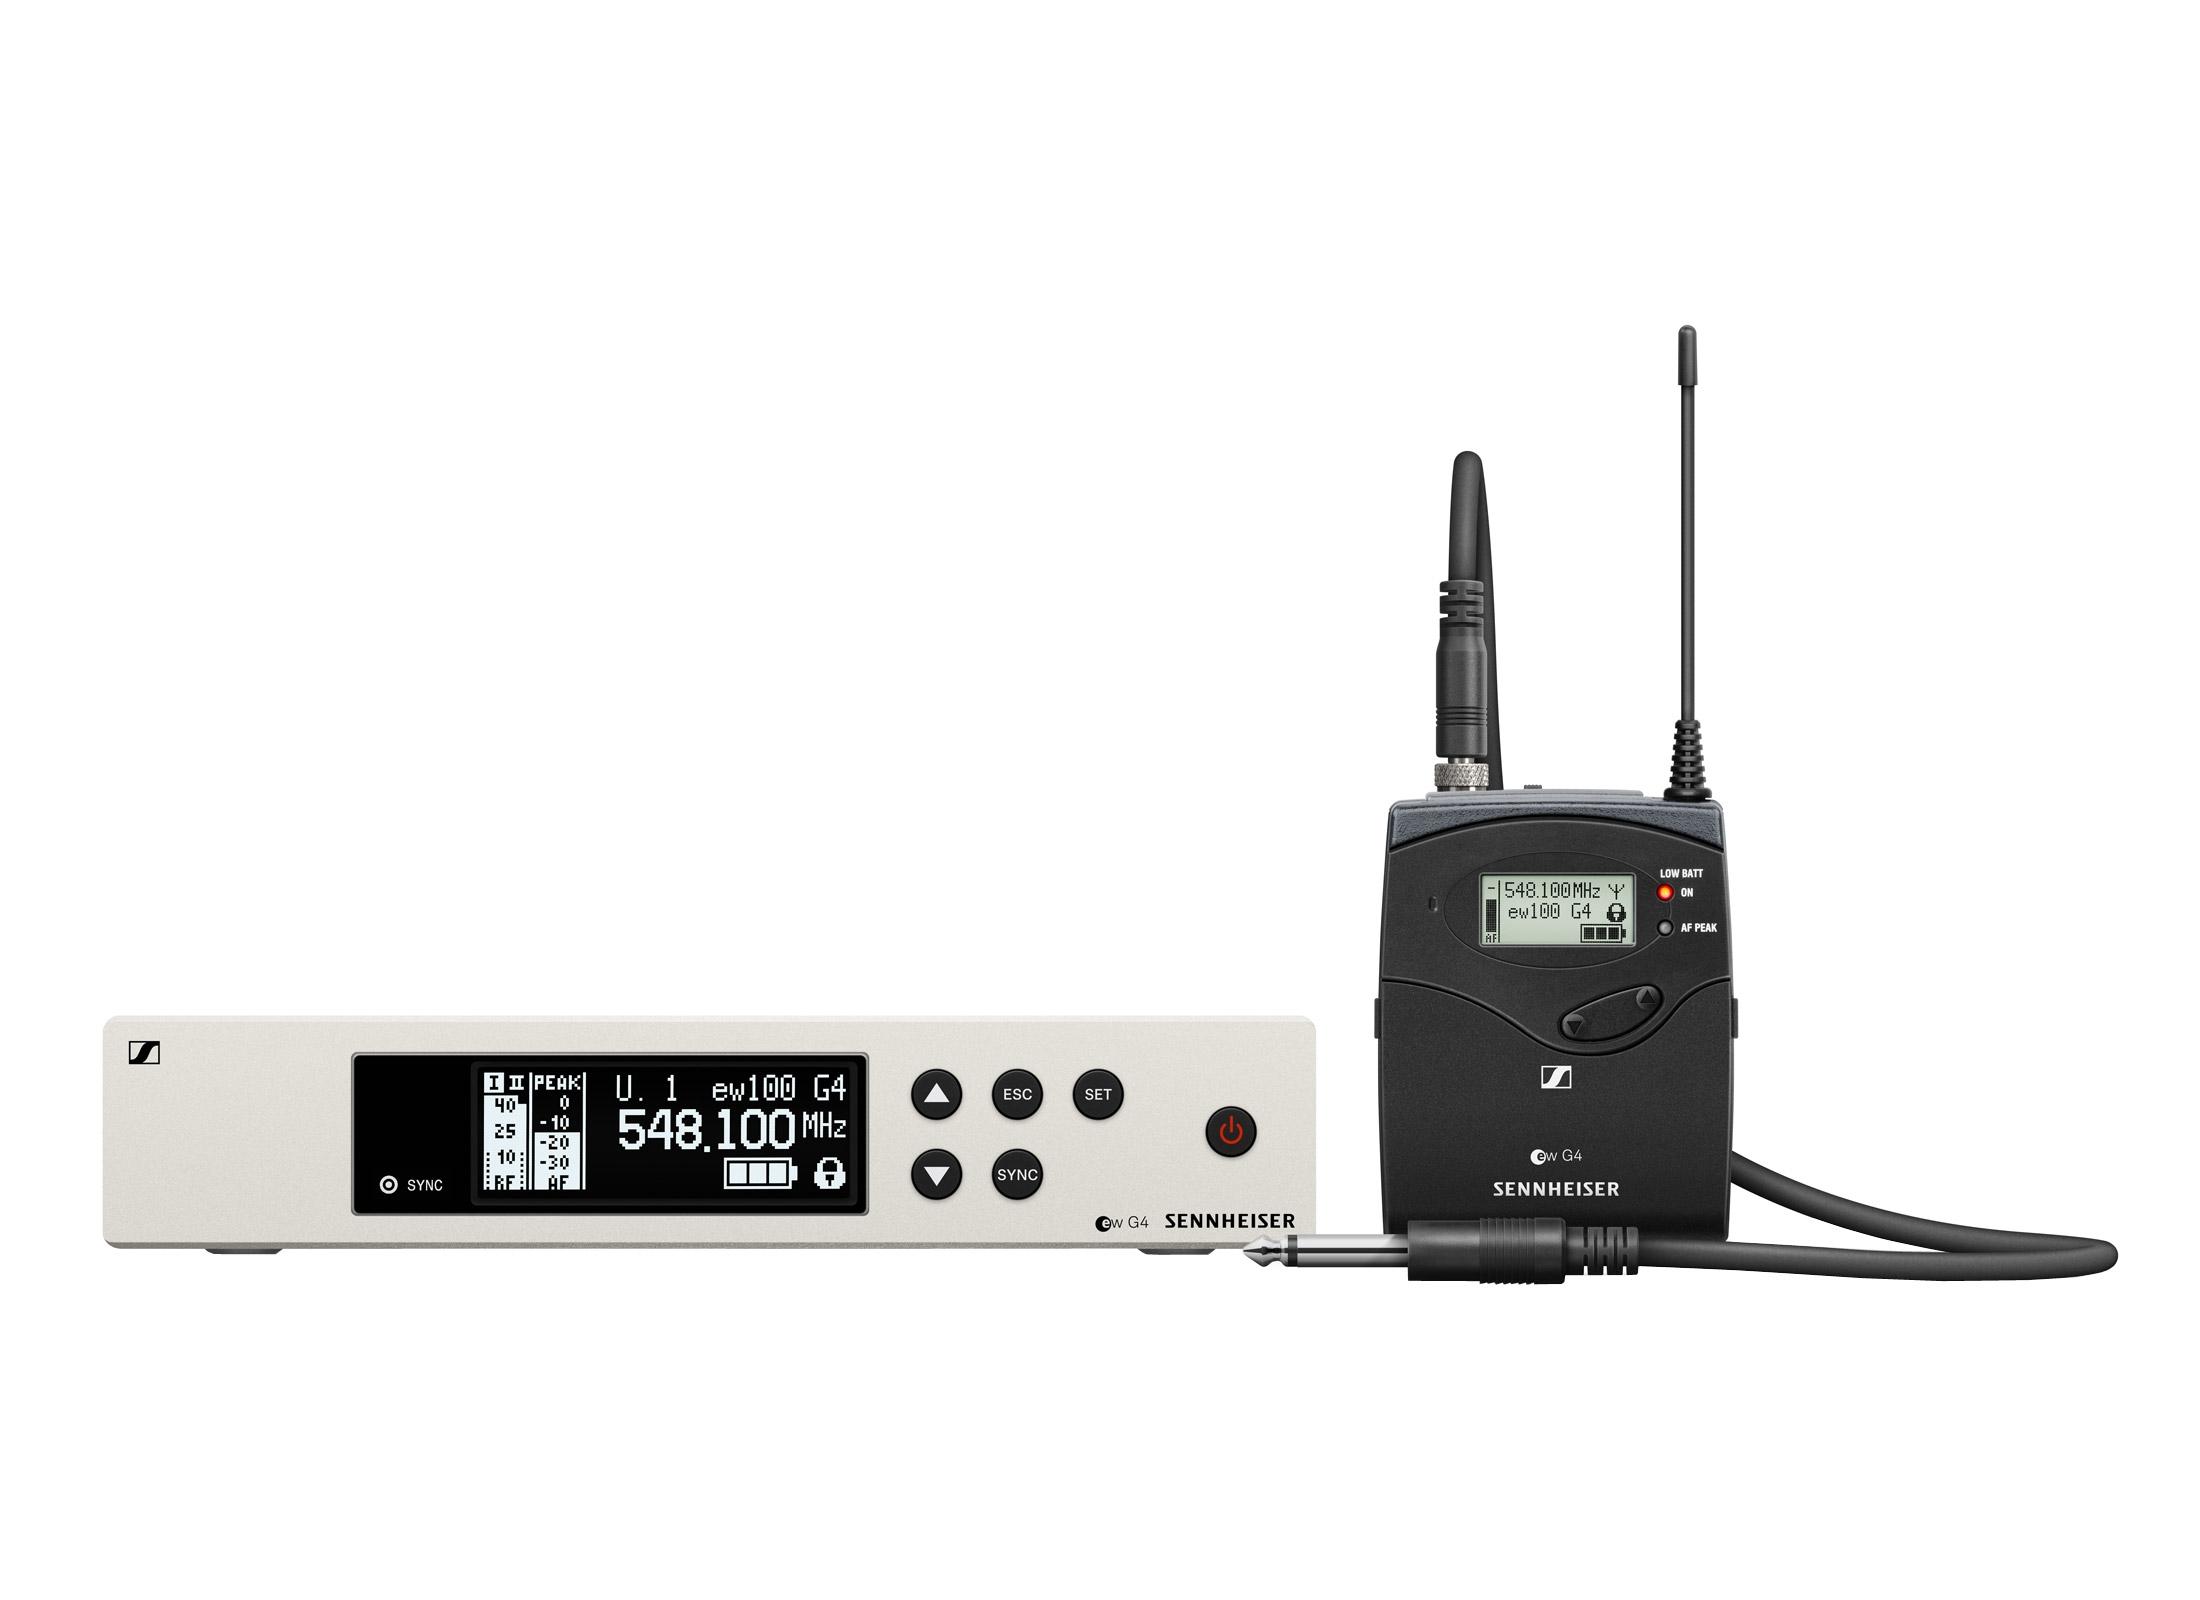 SKM 100 G4-G Sennheiser Pro Audio Handheld Transmitter